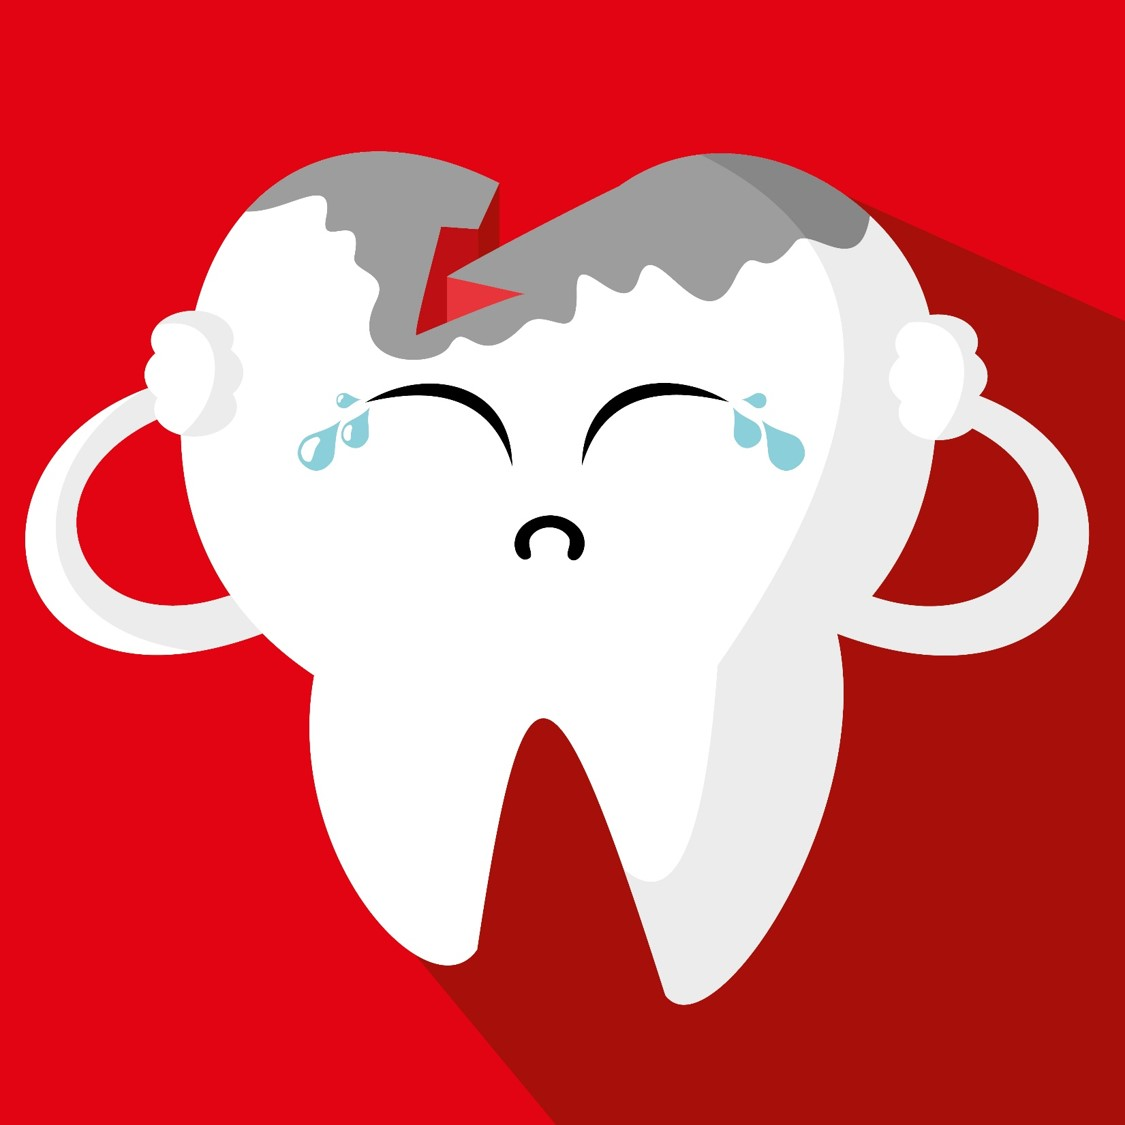 הקלה על כאבי שיניים בעקבות התרופפות השן